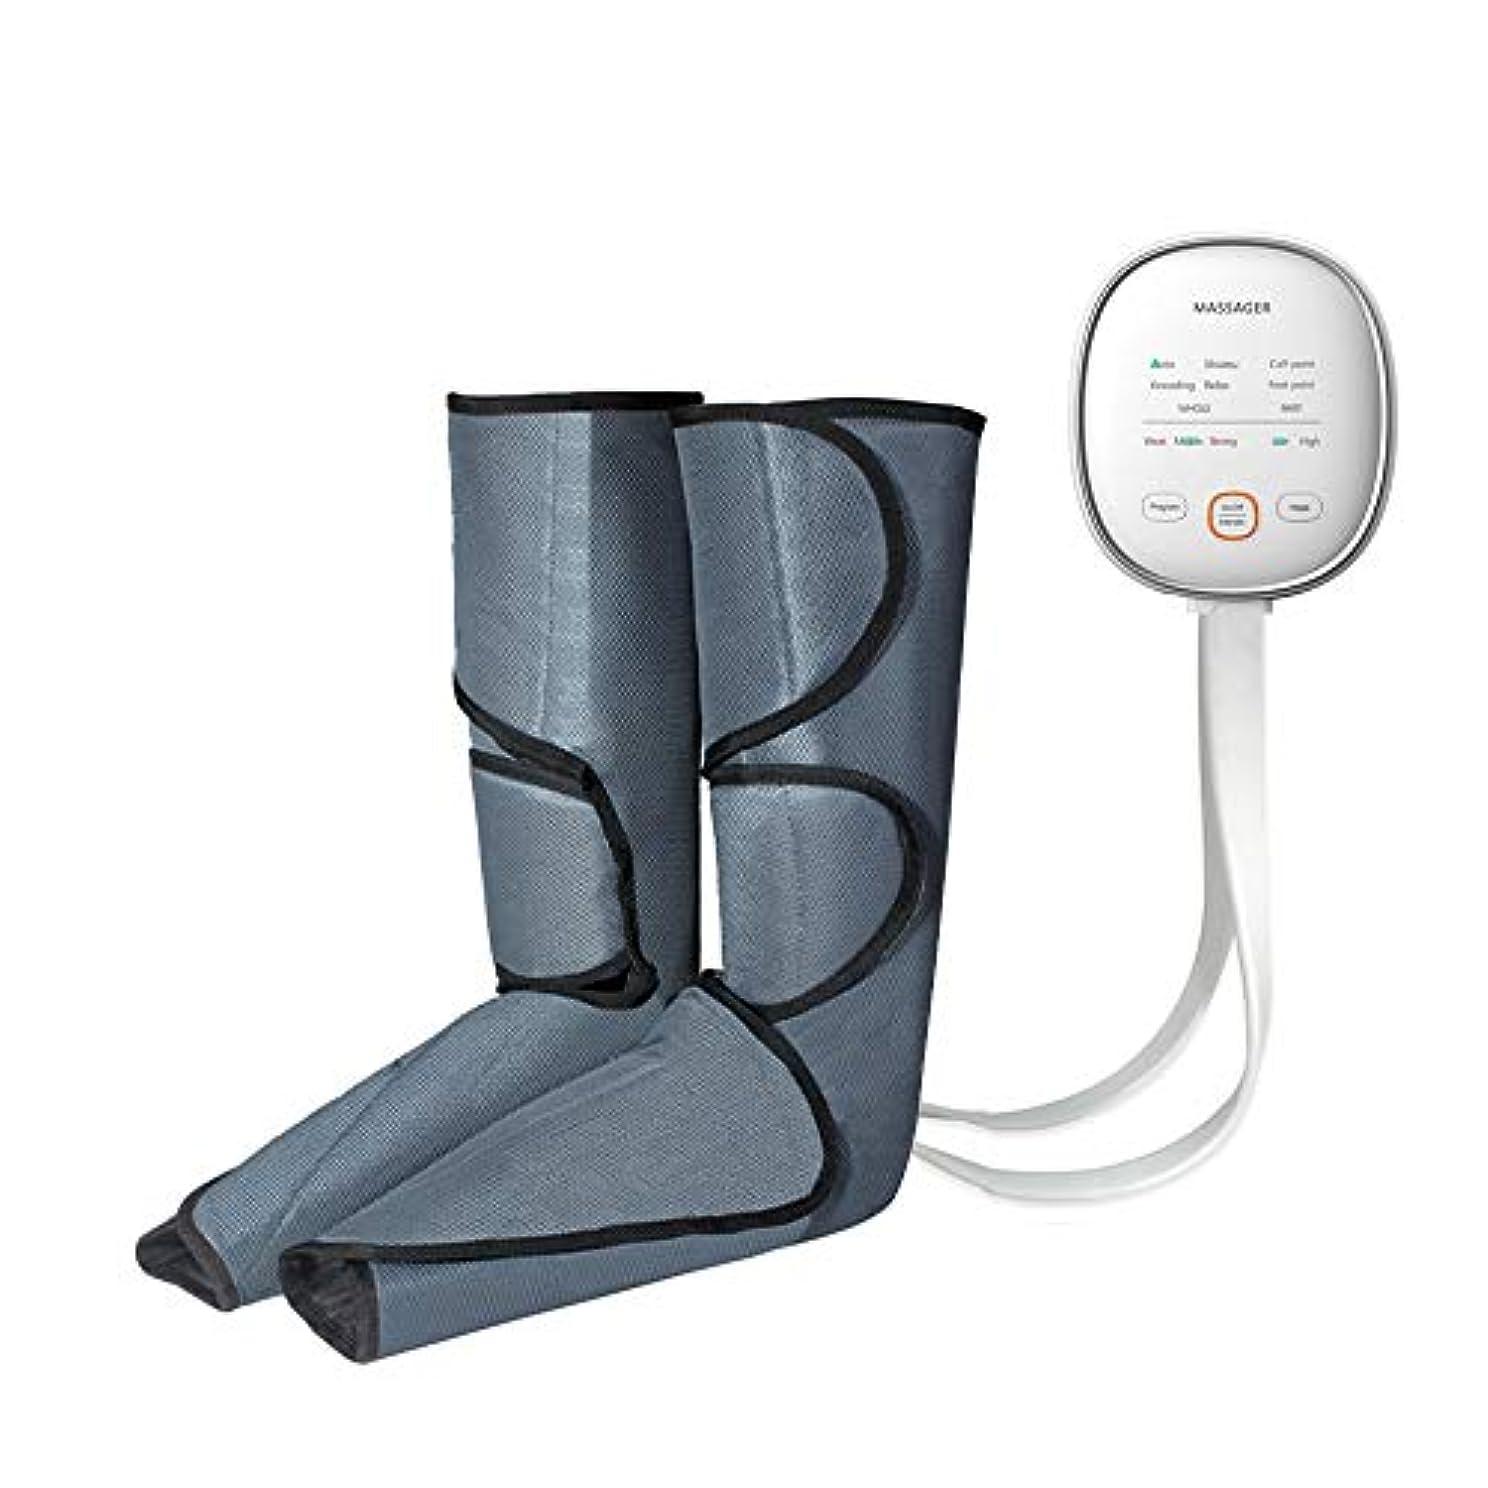 慢なボトル出口フットマッサージャー エアーマッサージャー器 足とふくらはぎマッサージ 温感機能 3つ段階の強さ フット空気圧縮マッサージ 血行の促進 疲労回復